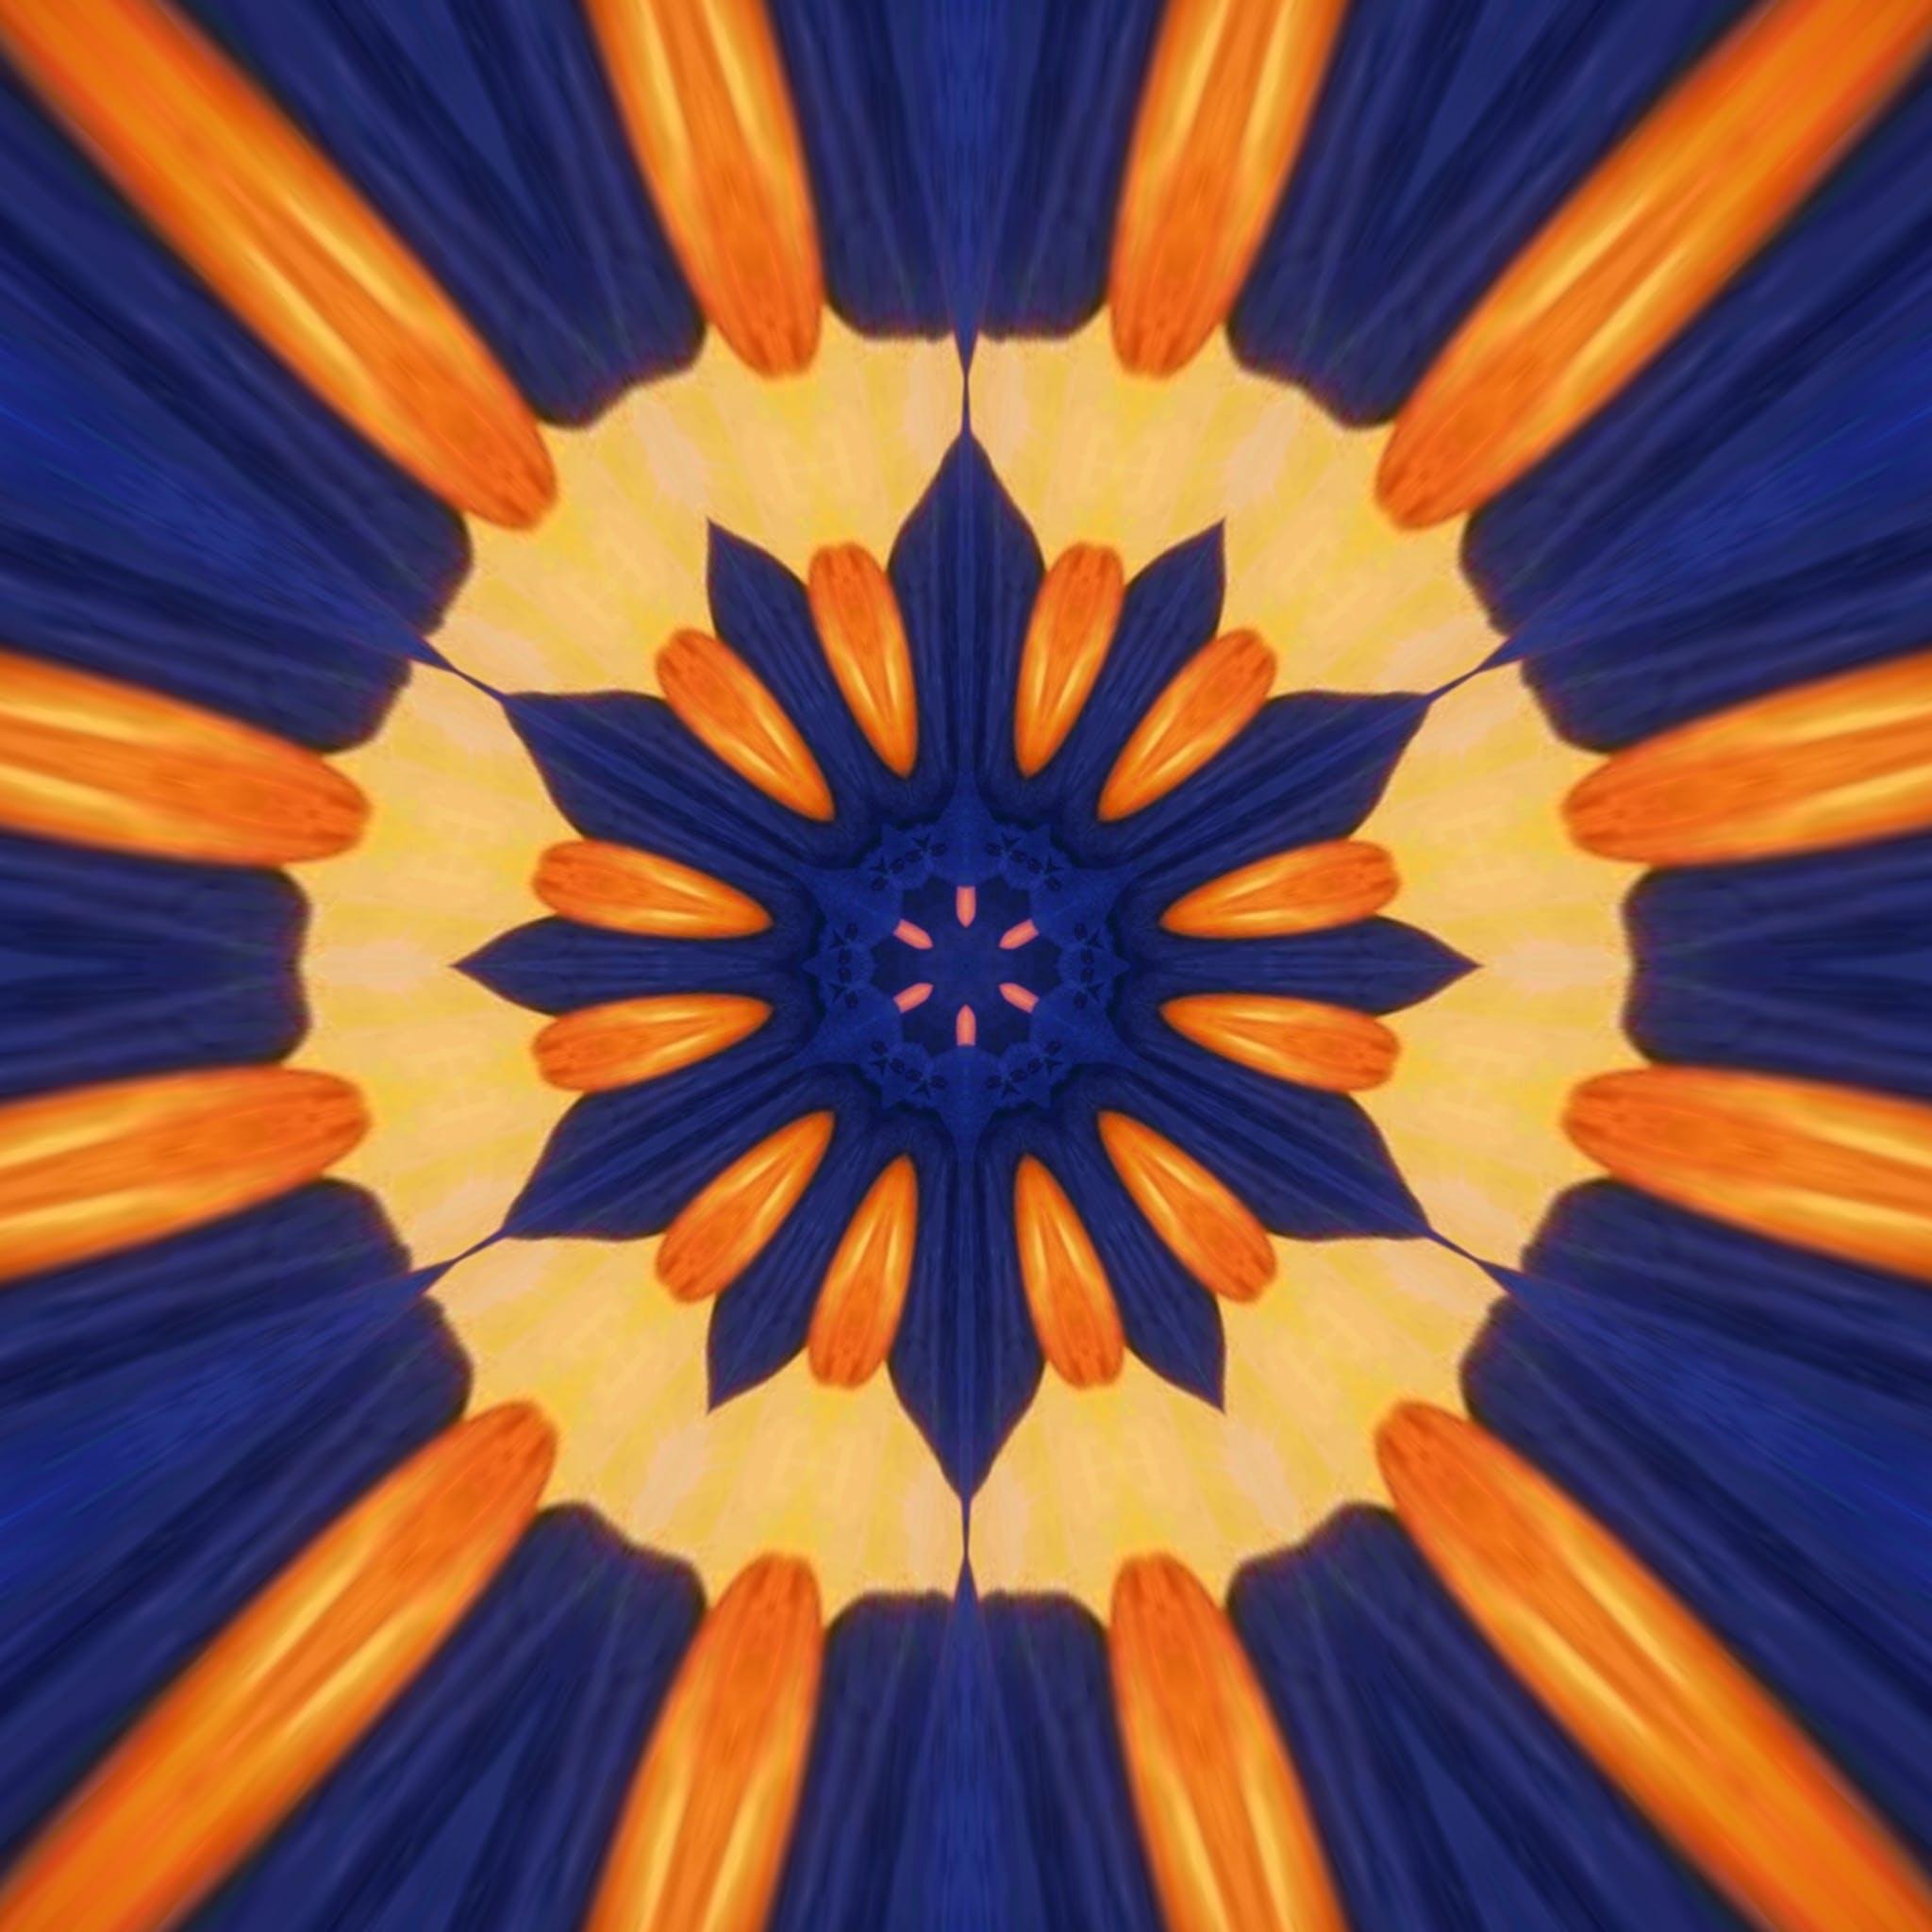 Gratis lagerfoto af abstrakt maleri, blå, close-up, design